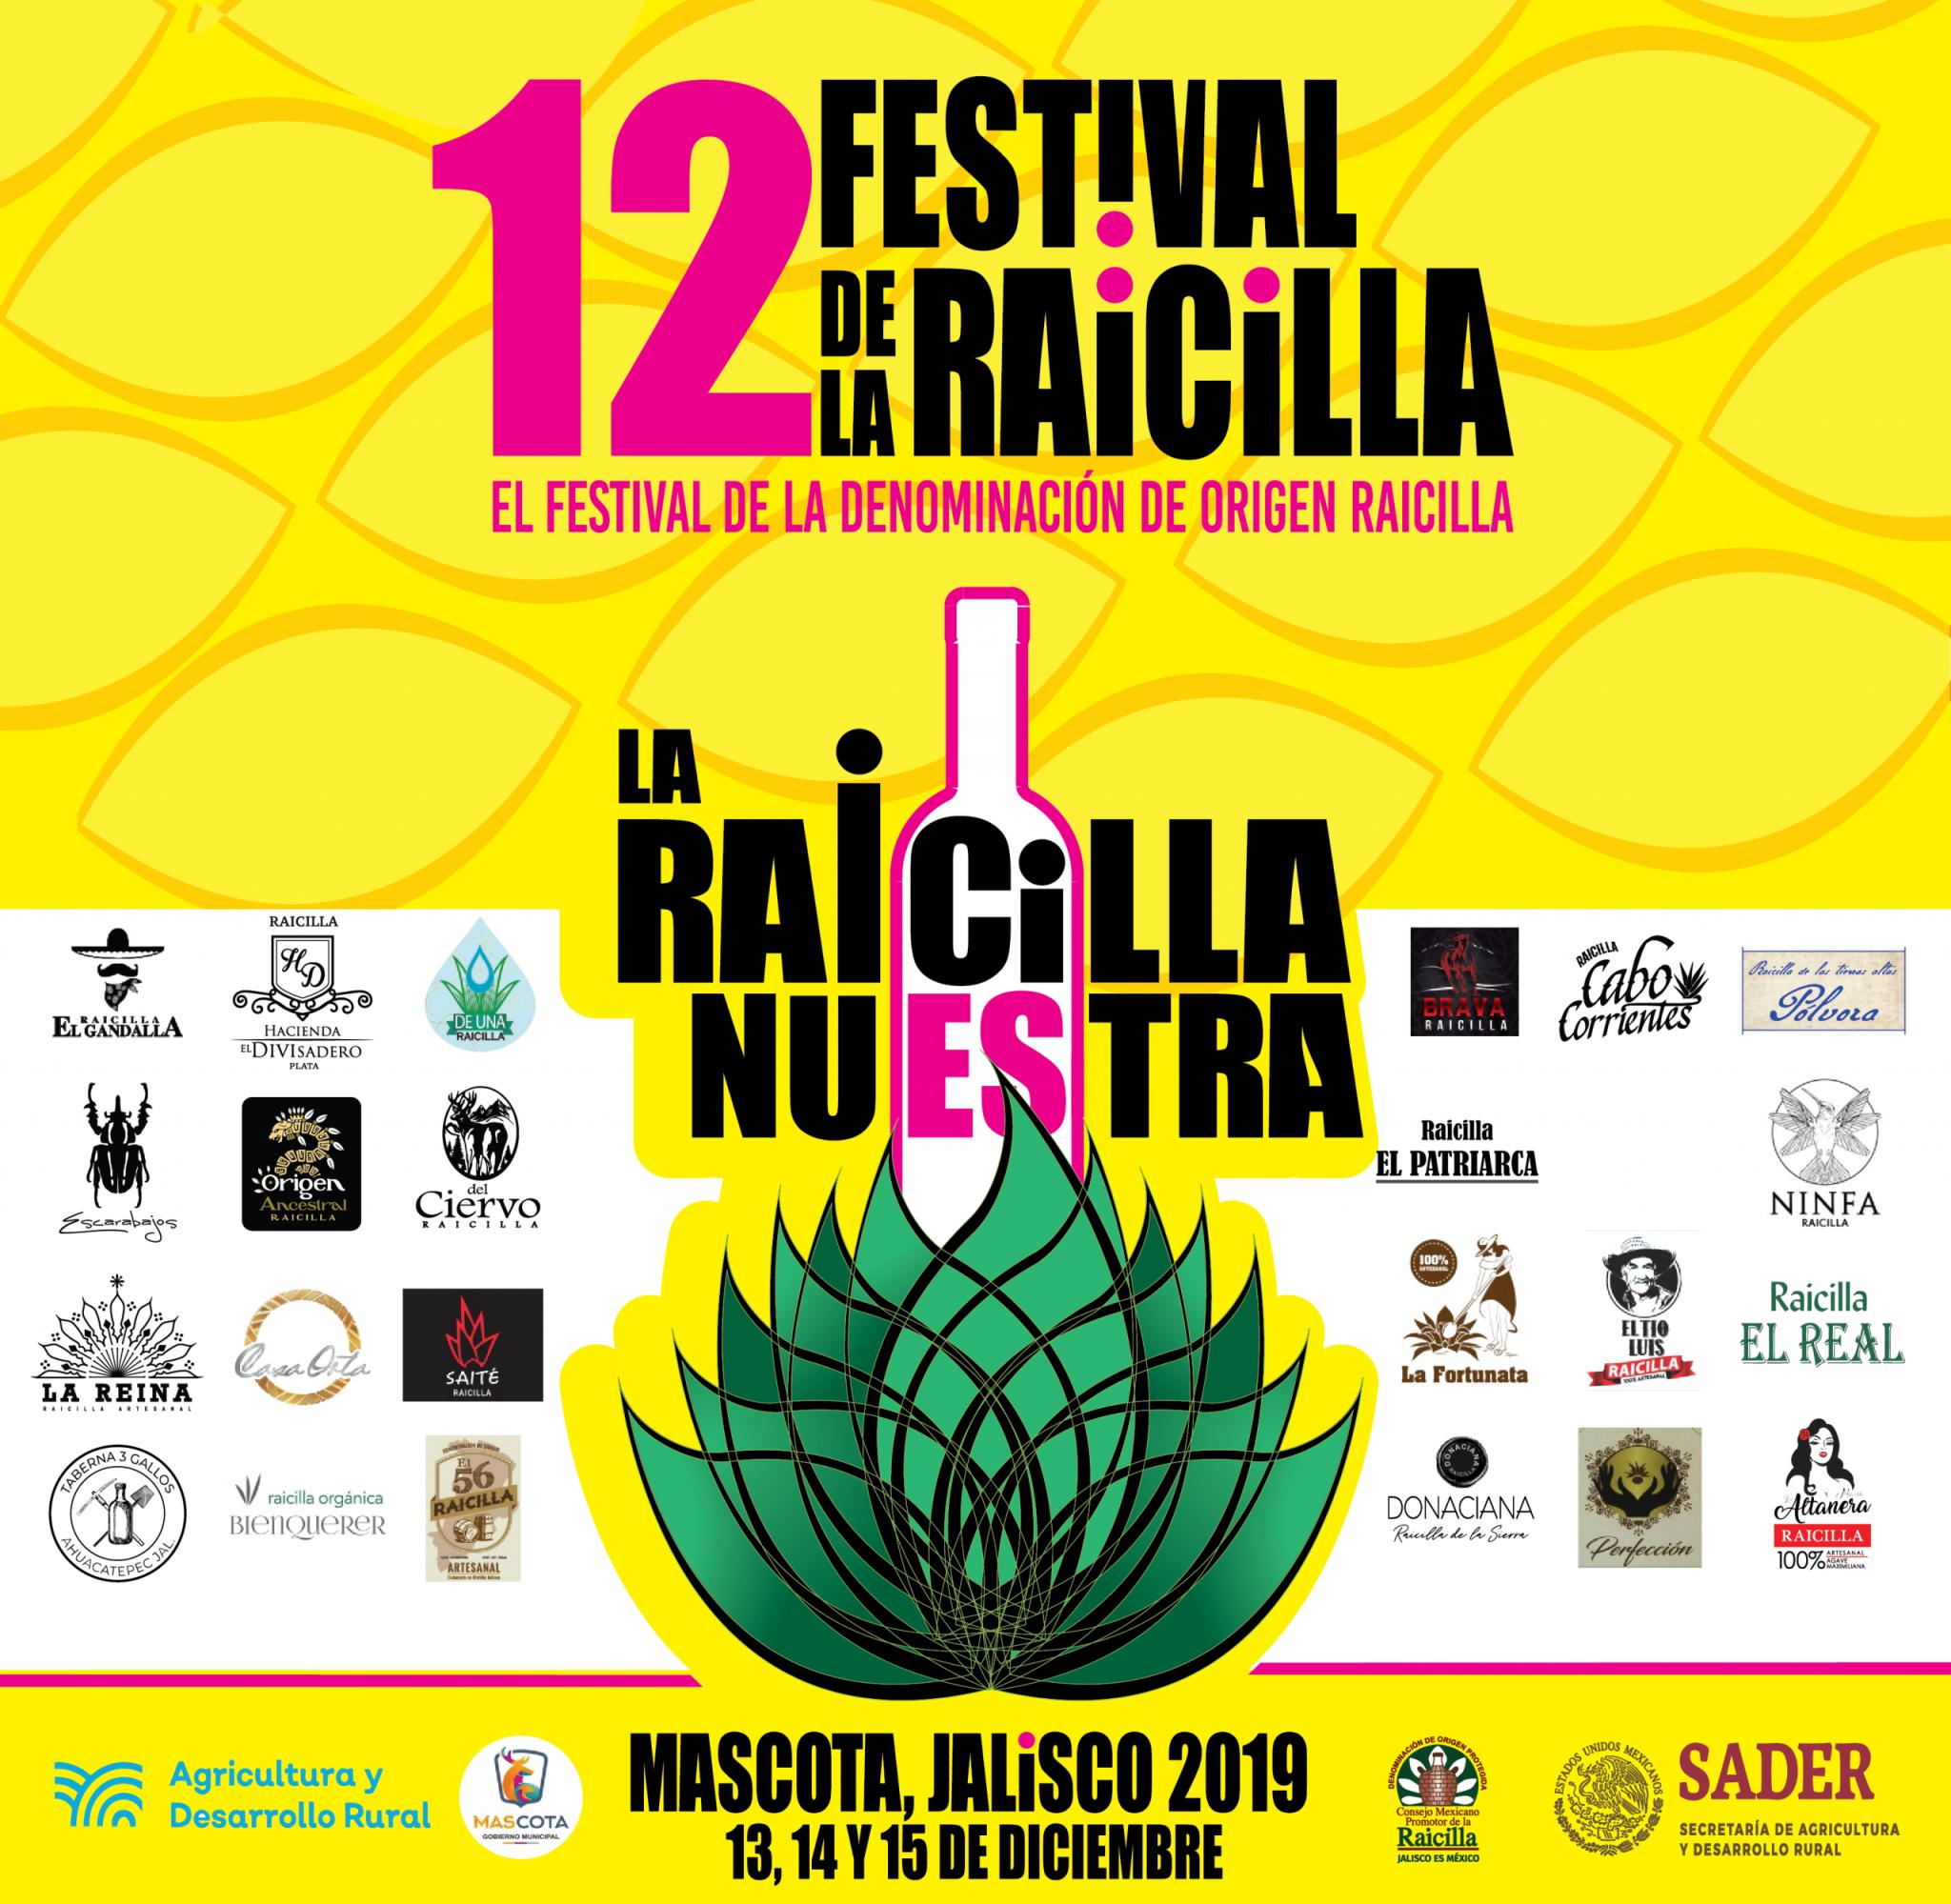 !2 Festival Raicilla